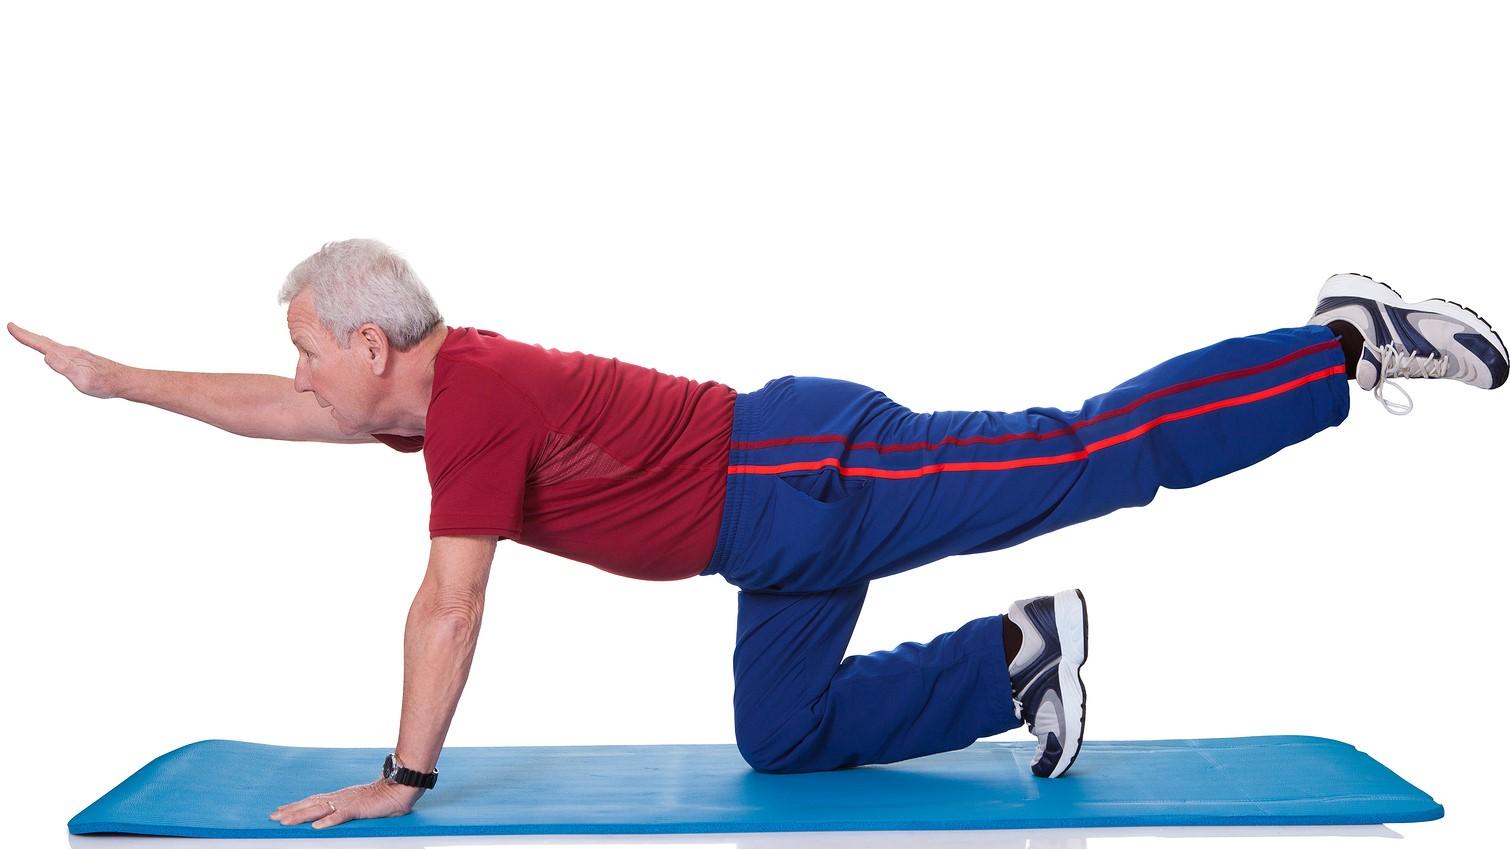 baby boomer training